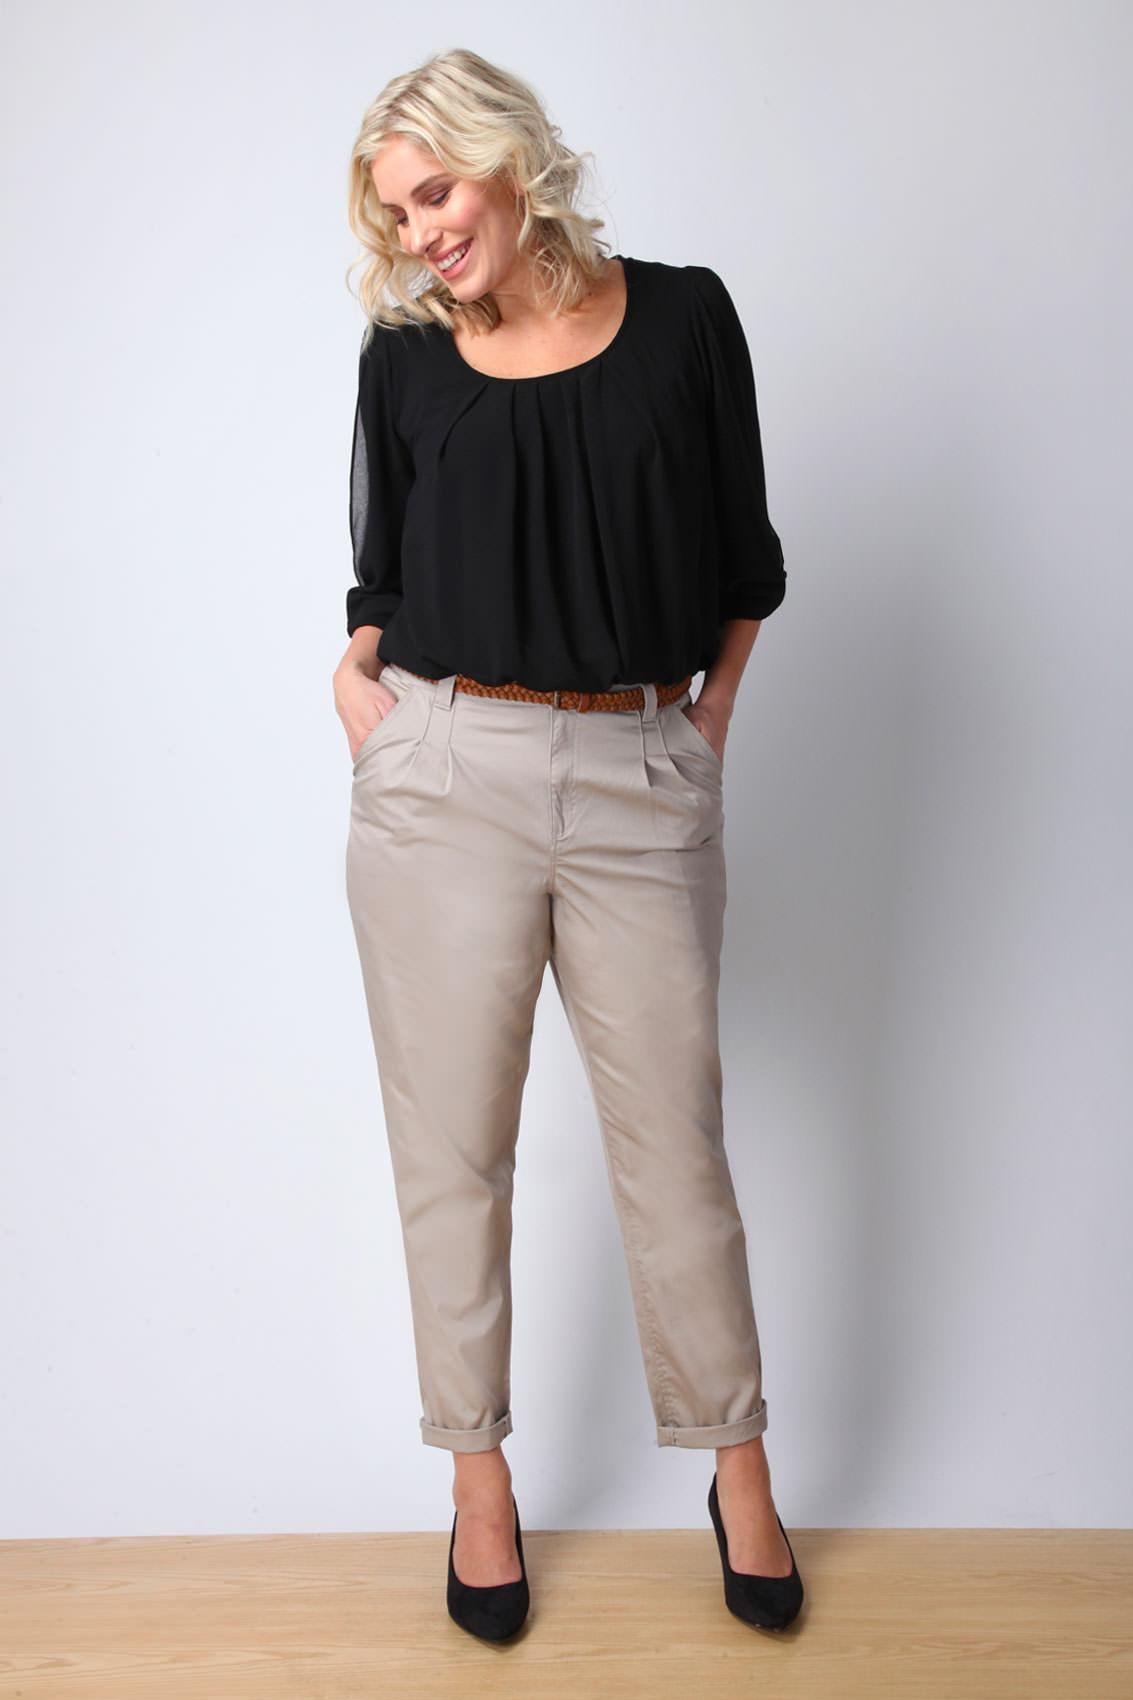 брюки для женщин 50 лет